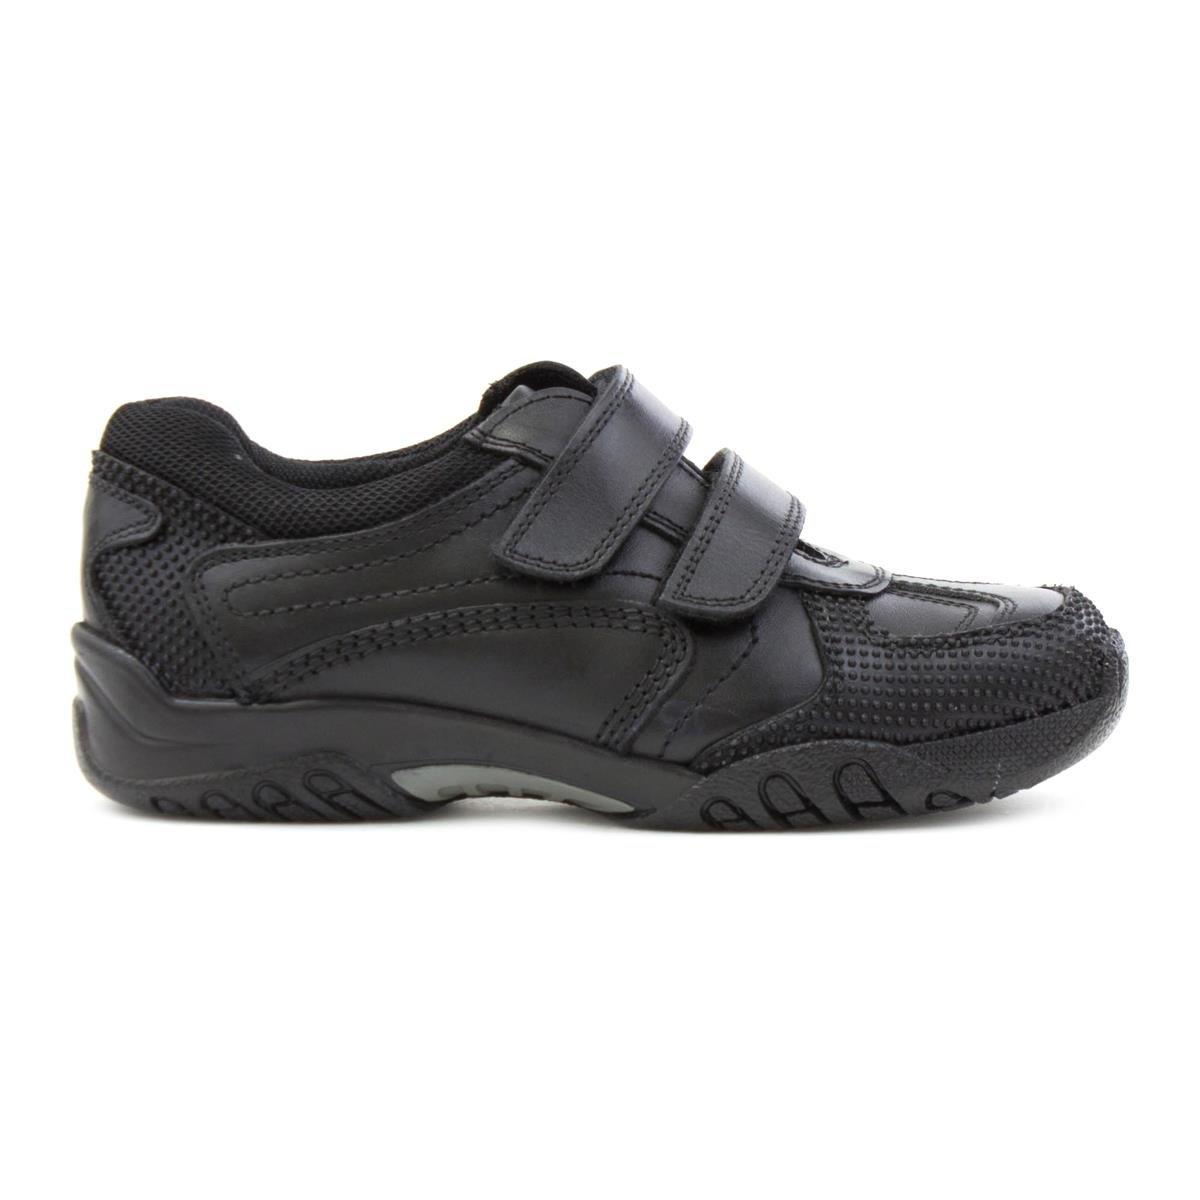 Hush Puppies - Zapato de cuero con tira de ajuste, negro, para niño Hush Puppies - Talla 4 UK / 37 EU - Negro: Amazon.es: Zapatos y complementos